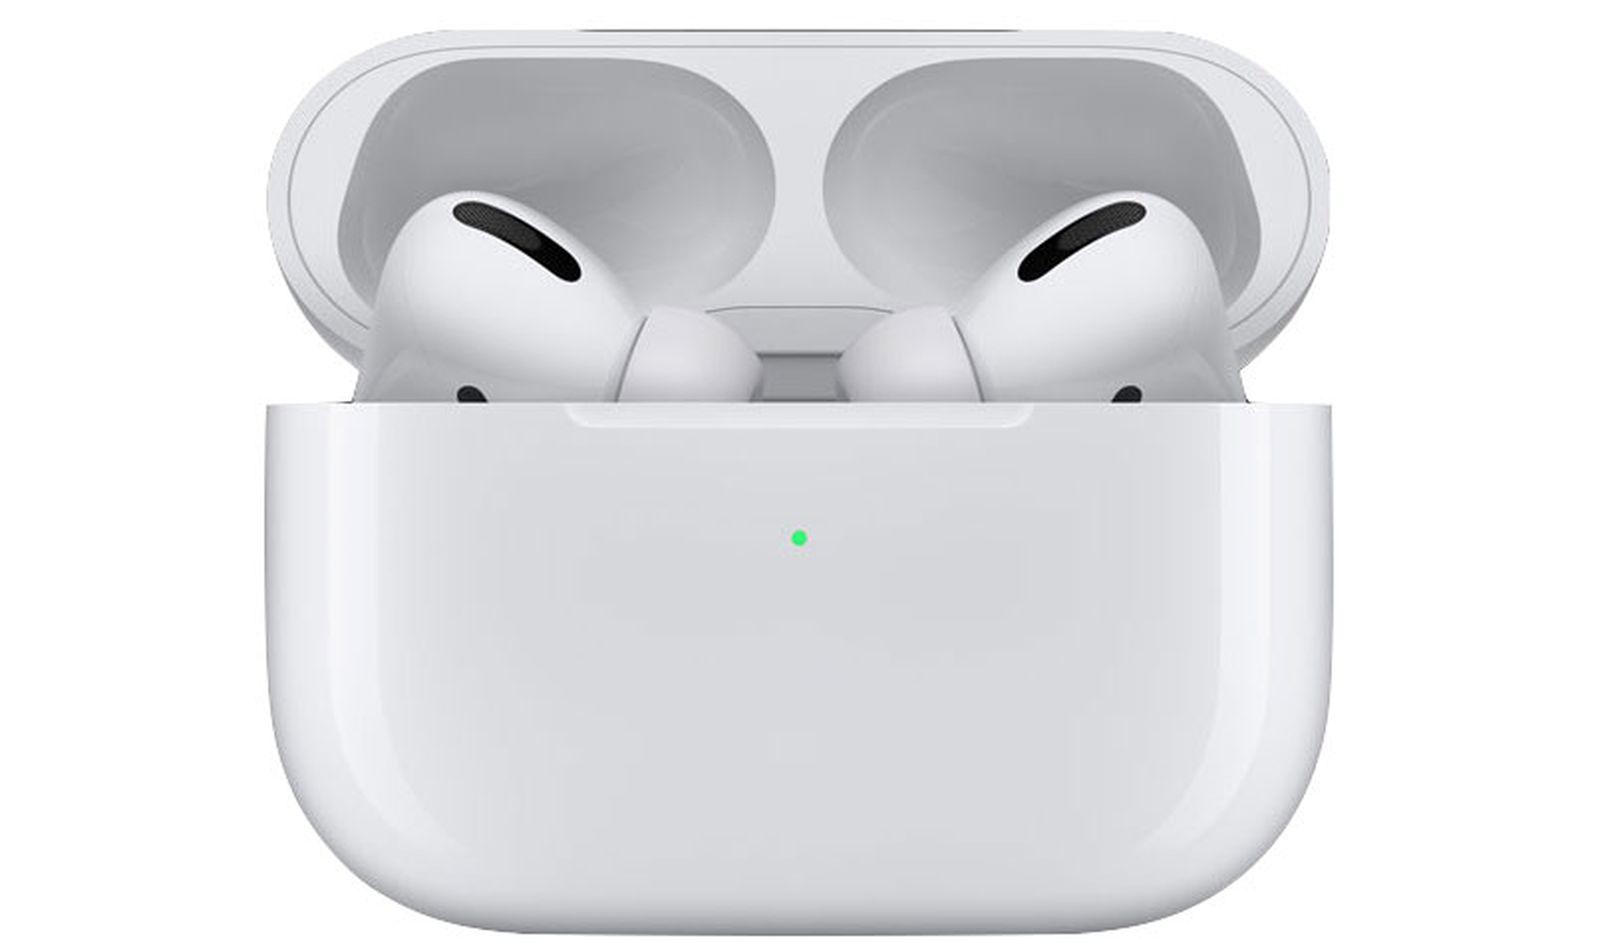 苹果产业链|瑞银力挺立讯精密:长期增长逻辑仍成立